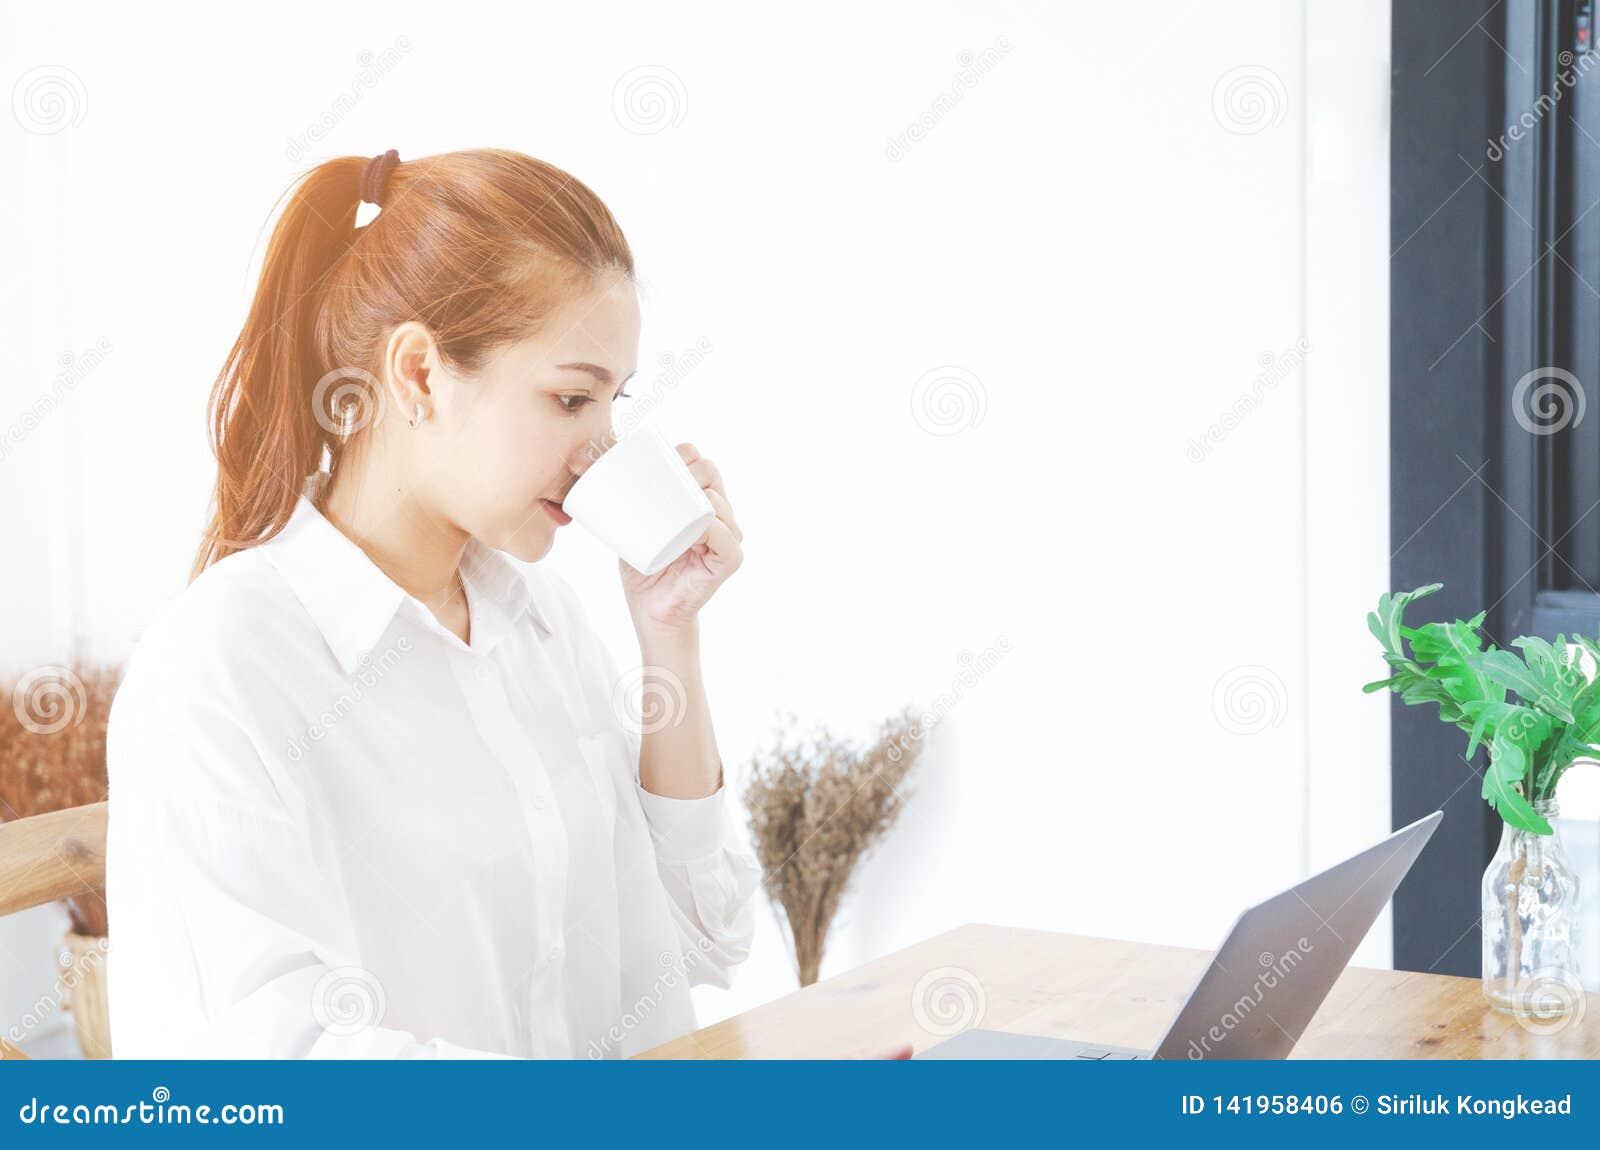 De Aziatische vrouwen die een wit overhemd dragen werkt en nipt koffie